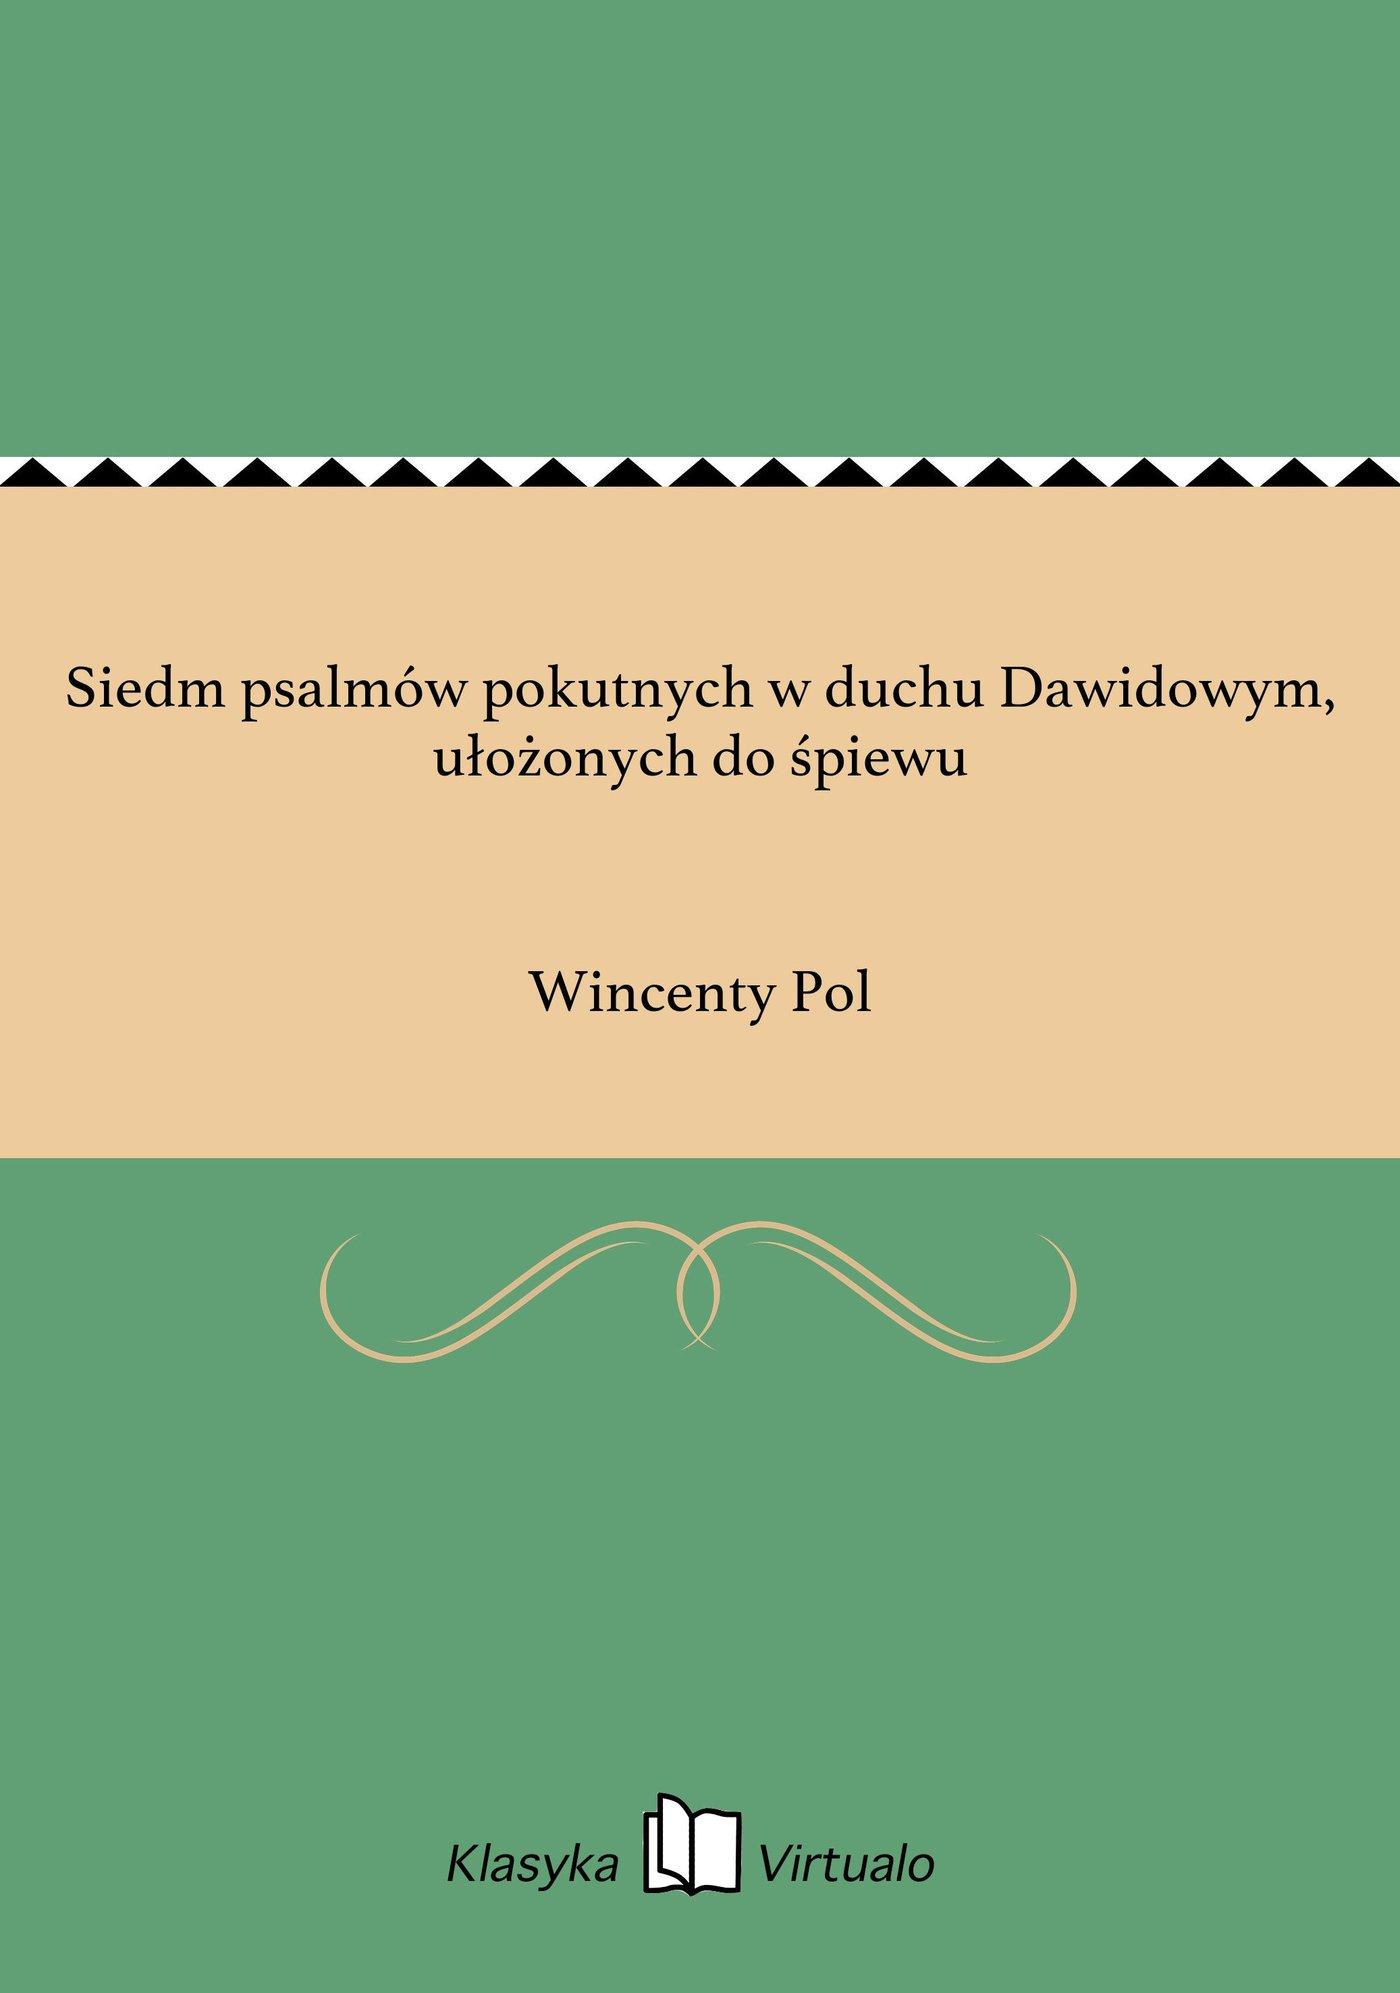 Siedm psalmów pokutnych w duchu Dawidowym, ułożonych do śpiewu - Ebook (Książka na Kindle) do pobrania w formacie MOBI